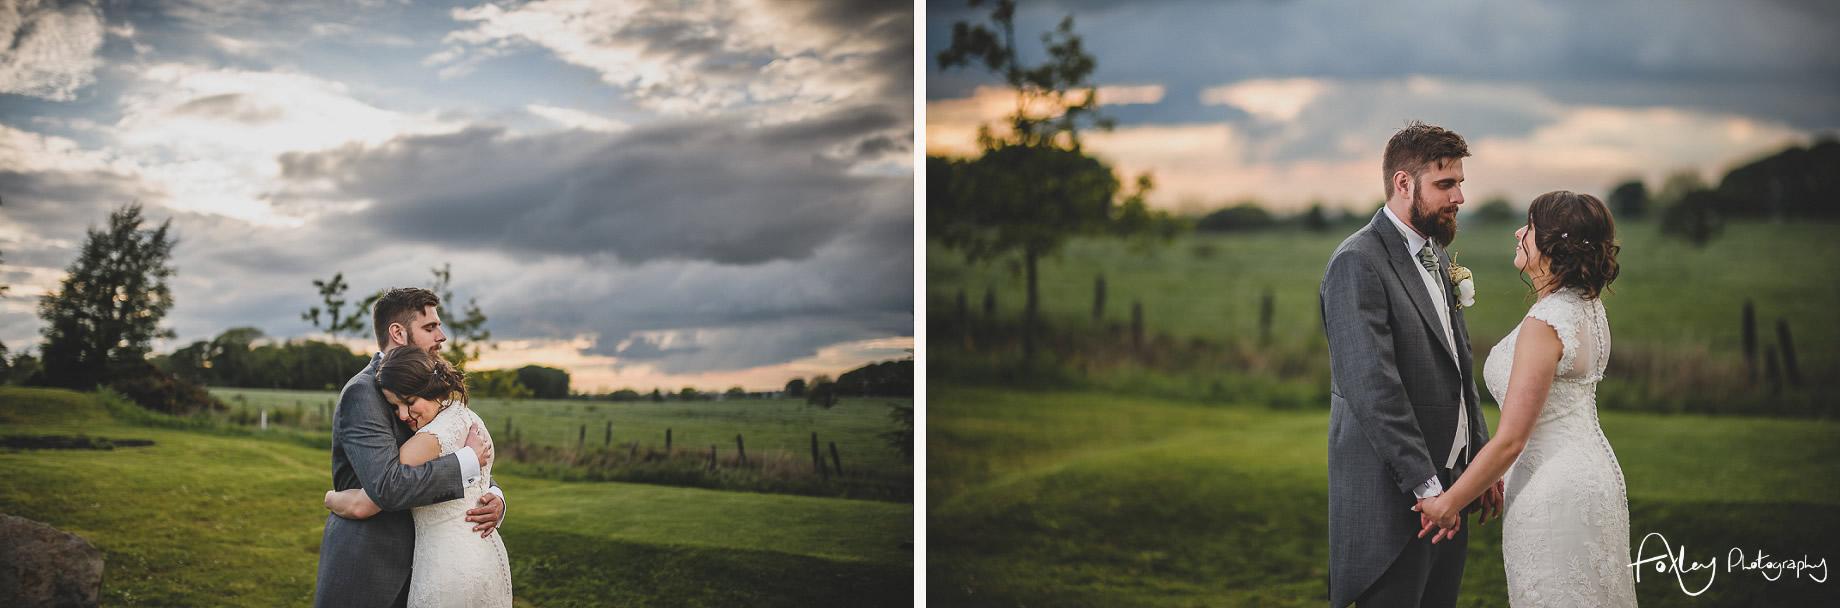 Hanna-and-John-Wedding-at-Oak-Royal-Golf-Club-217